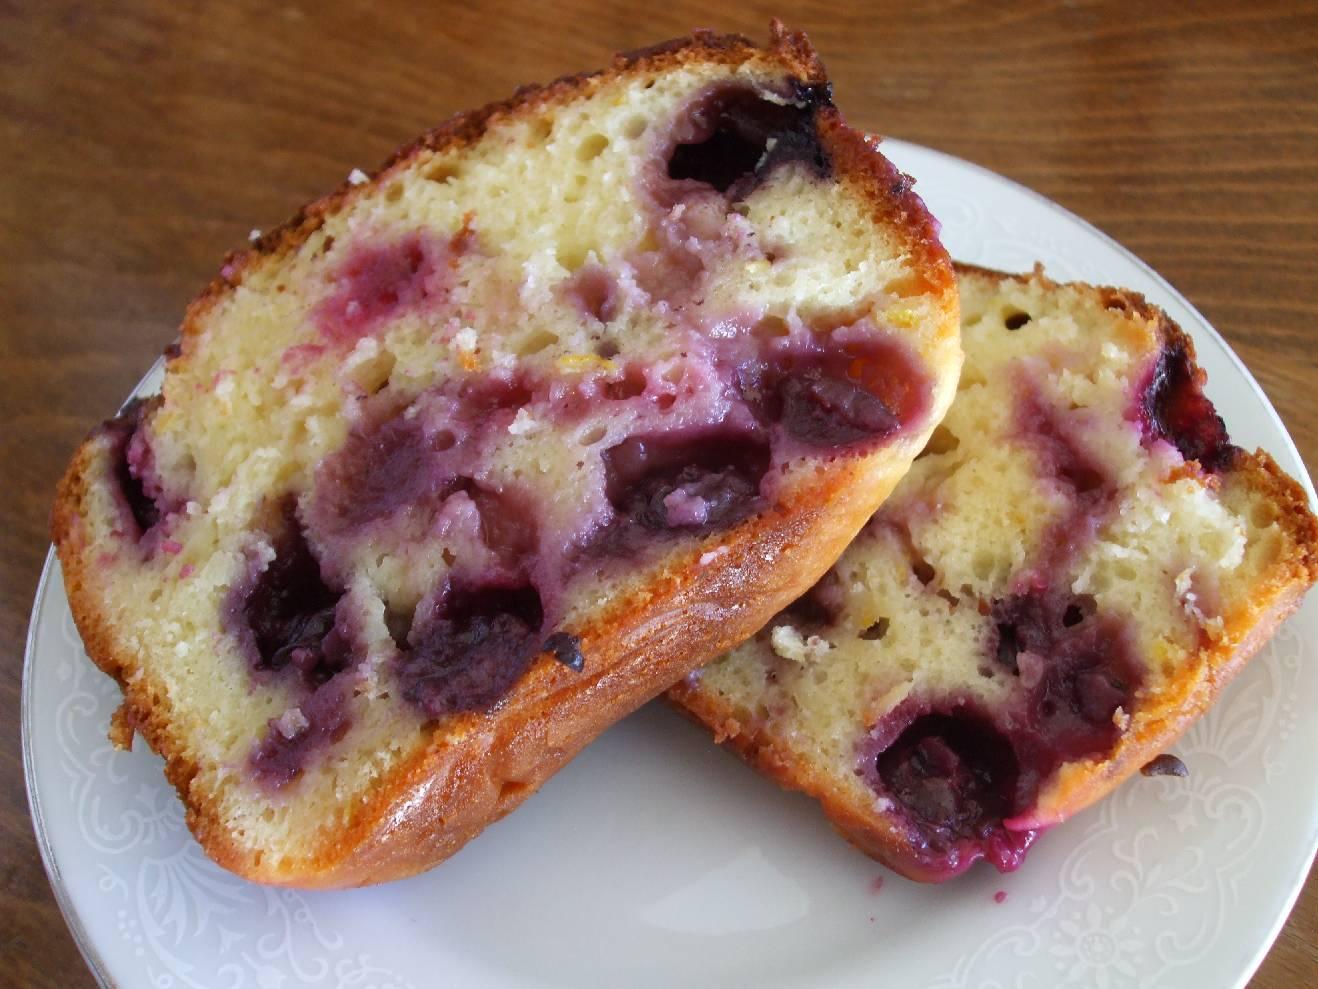 ... OF PINTEREST CREATIONS: day forty nine: lemon blueberry yoghurt cake